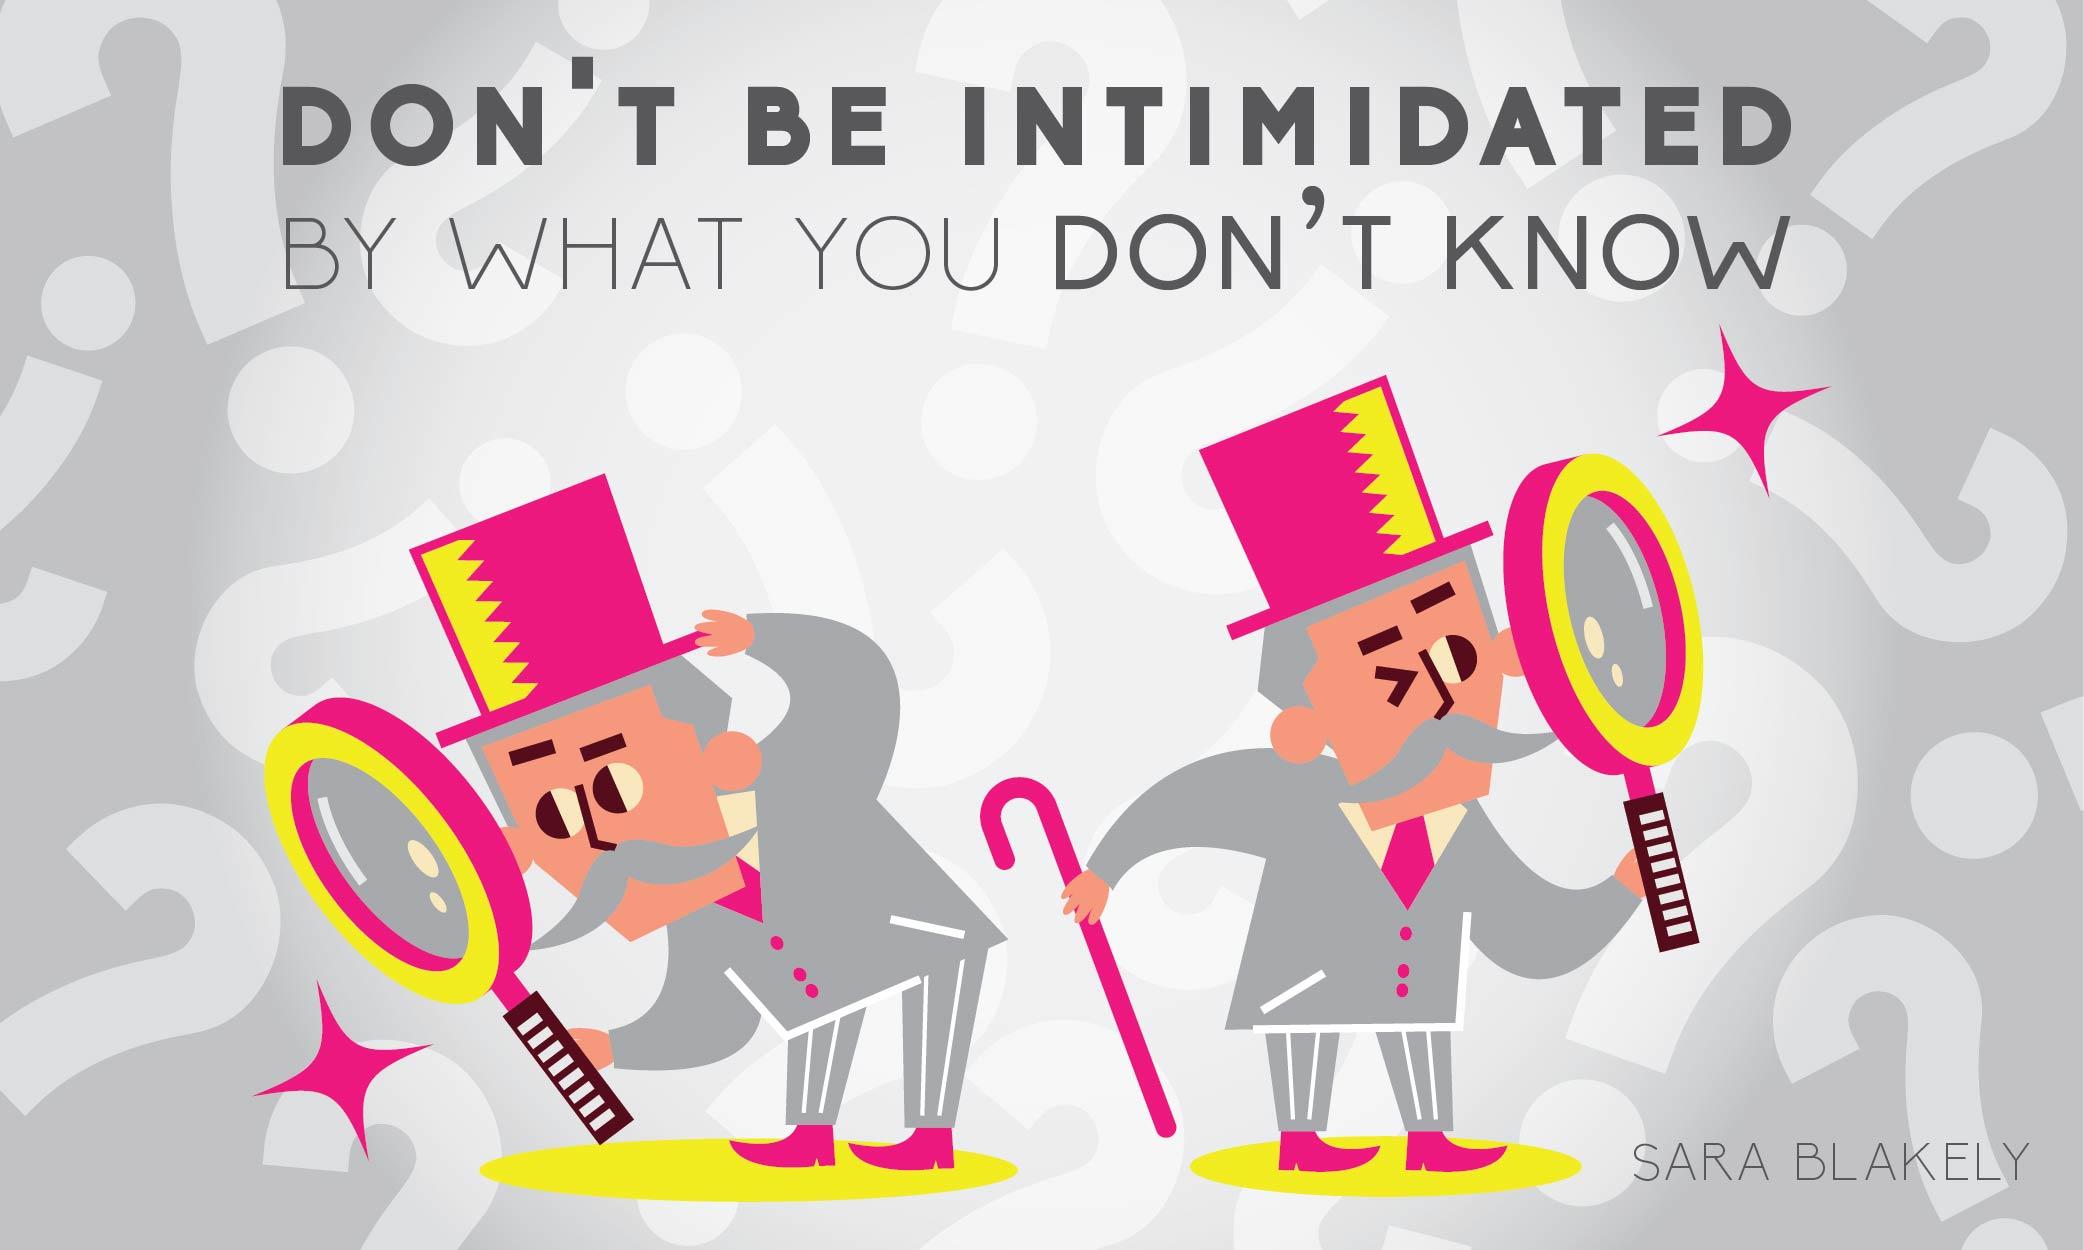 090618_IntimidatedQuote-01.jpg